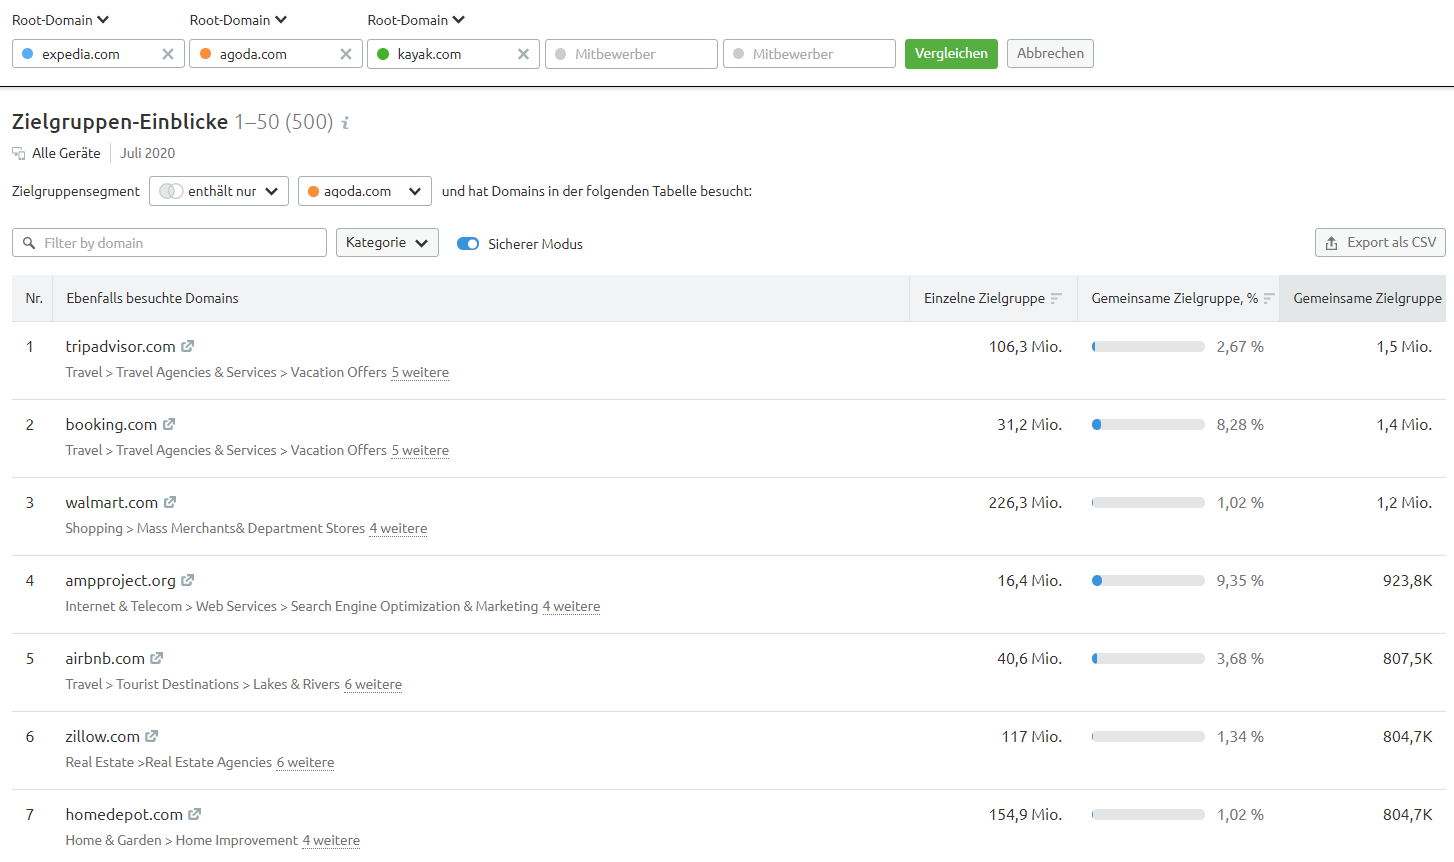 Zielgruppen-Einblicke: Diese Domains besuchen die Zielgruppen von Agoda